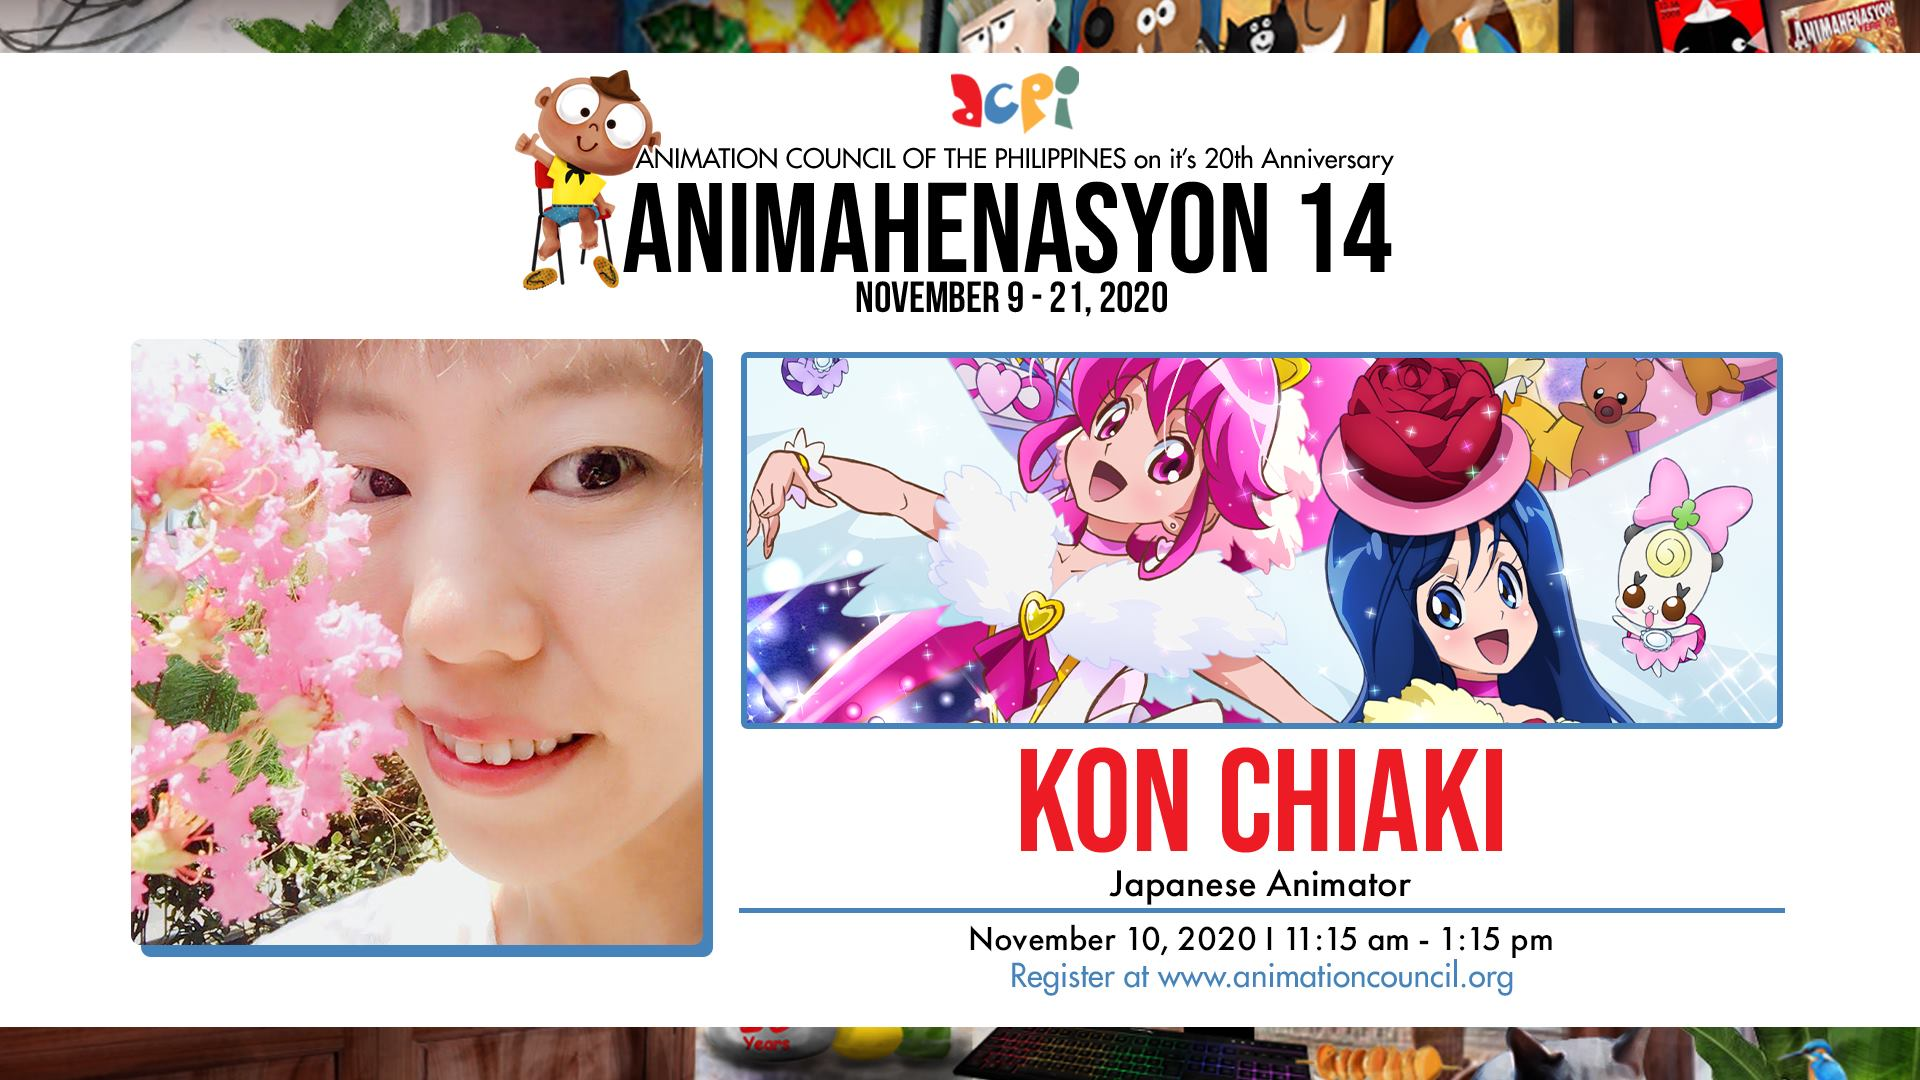 Animahenasyon 14 - Kon Chiaki